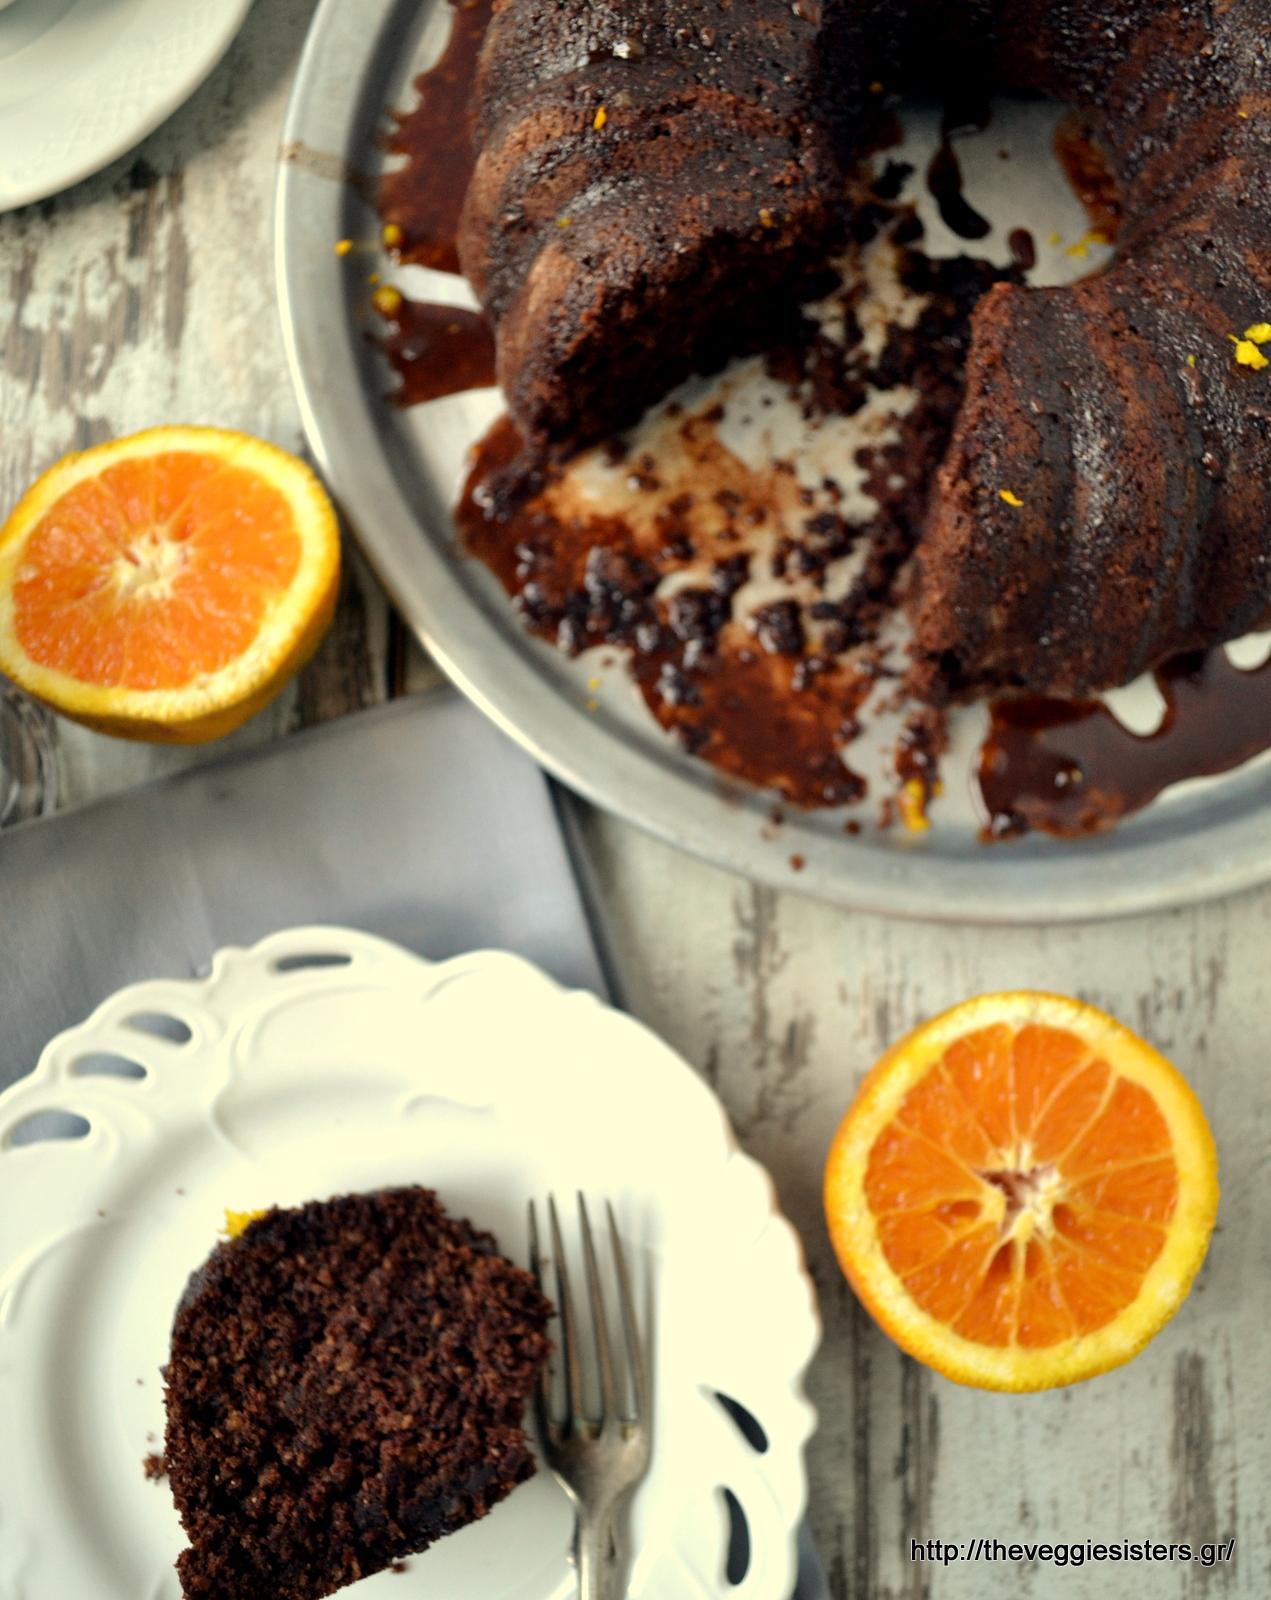 Κολασμένο κέικ σοκολάτα πορτοκάλι με σάλτσα σοκολάτας- Scrumptious chocolate orange cake with chocolate sauce